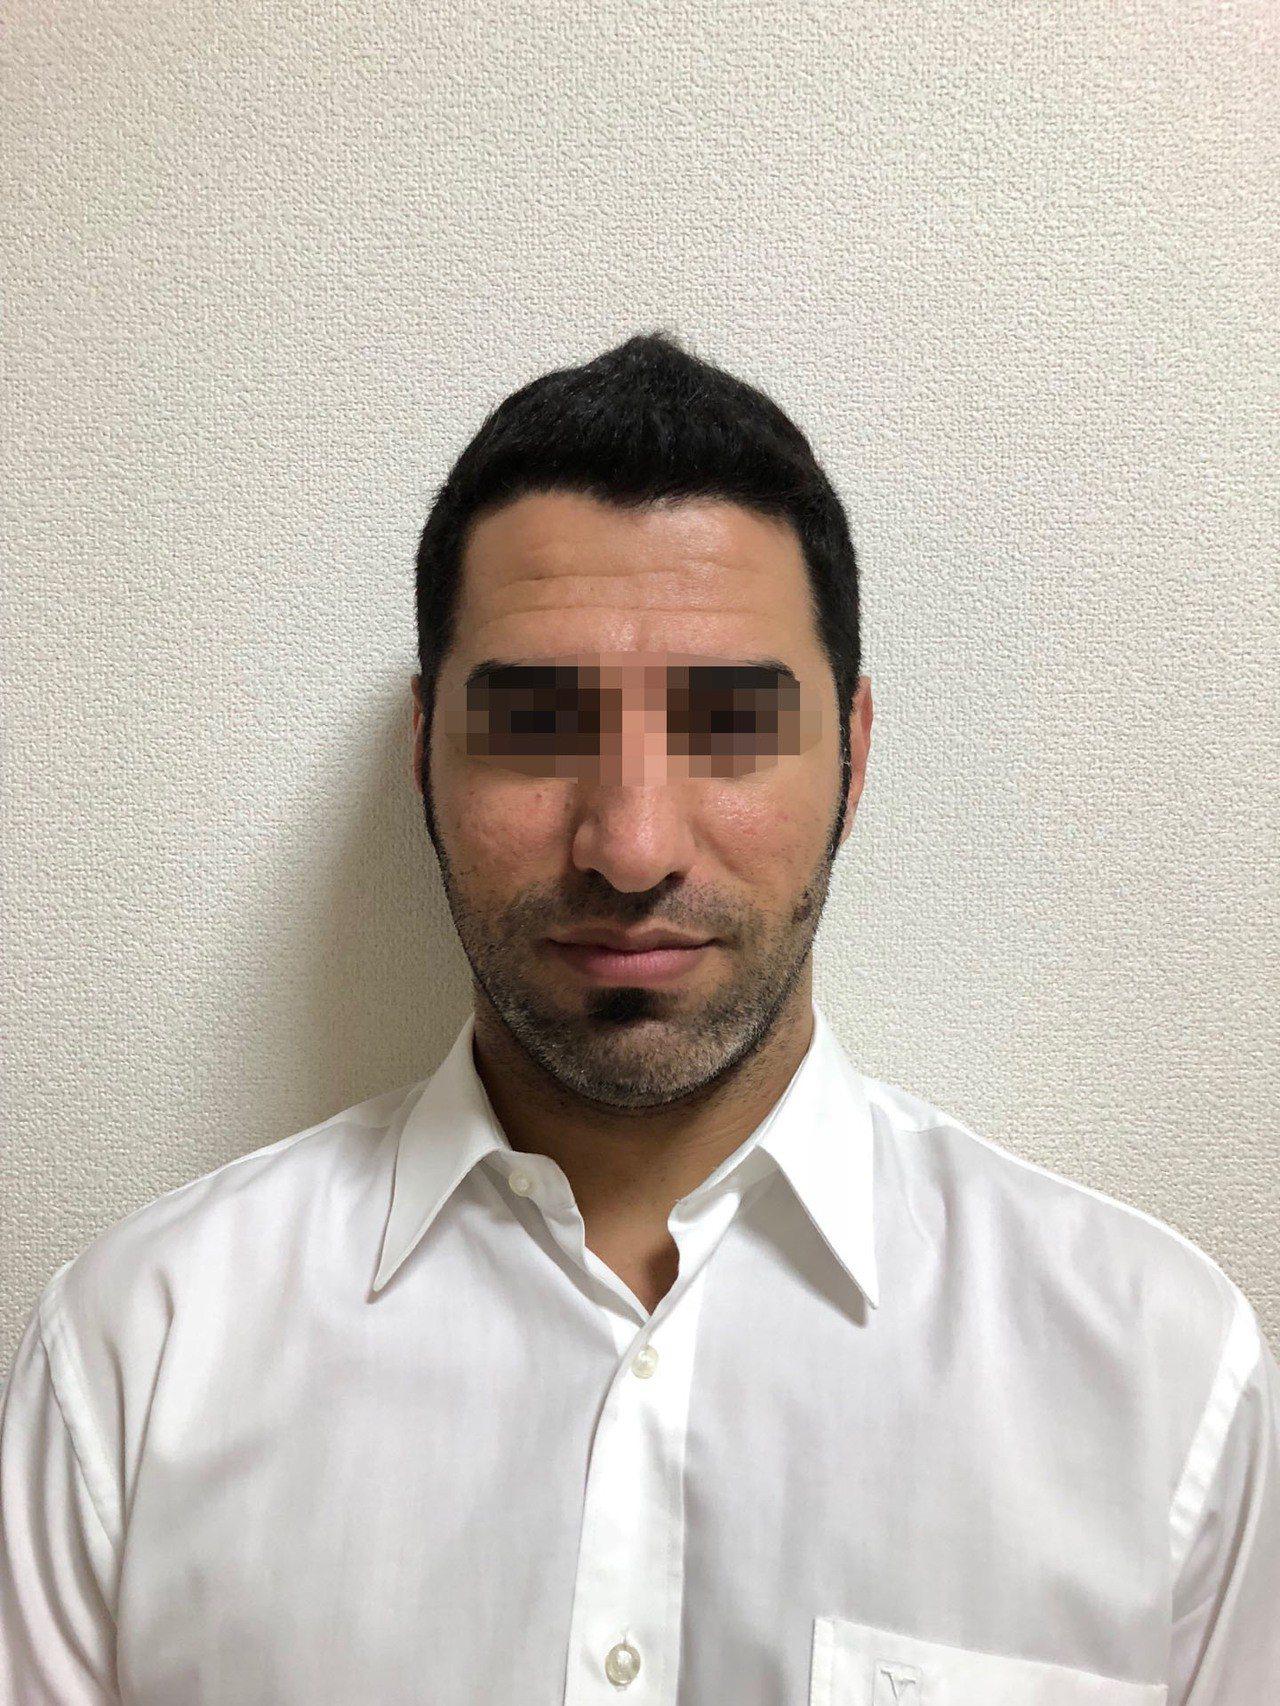 涉嫌殺害蕭姓老夫妻的伊拉克男子ALIHAMMAD JOMAAH。記者蔡翼謙/翻攝